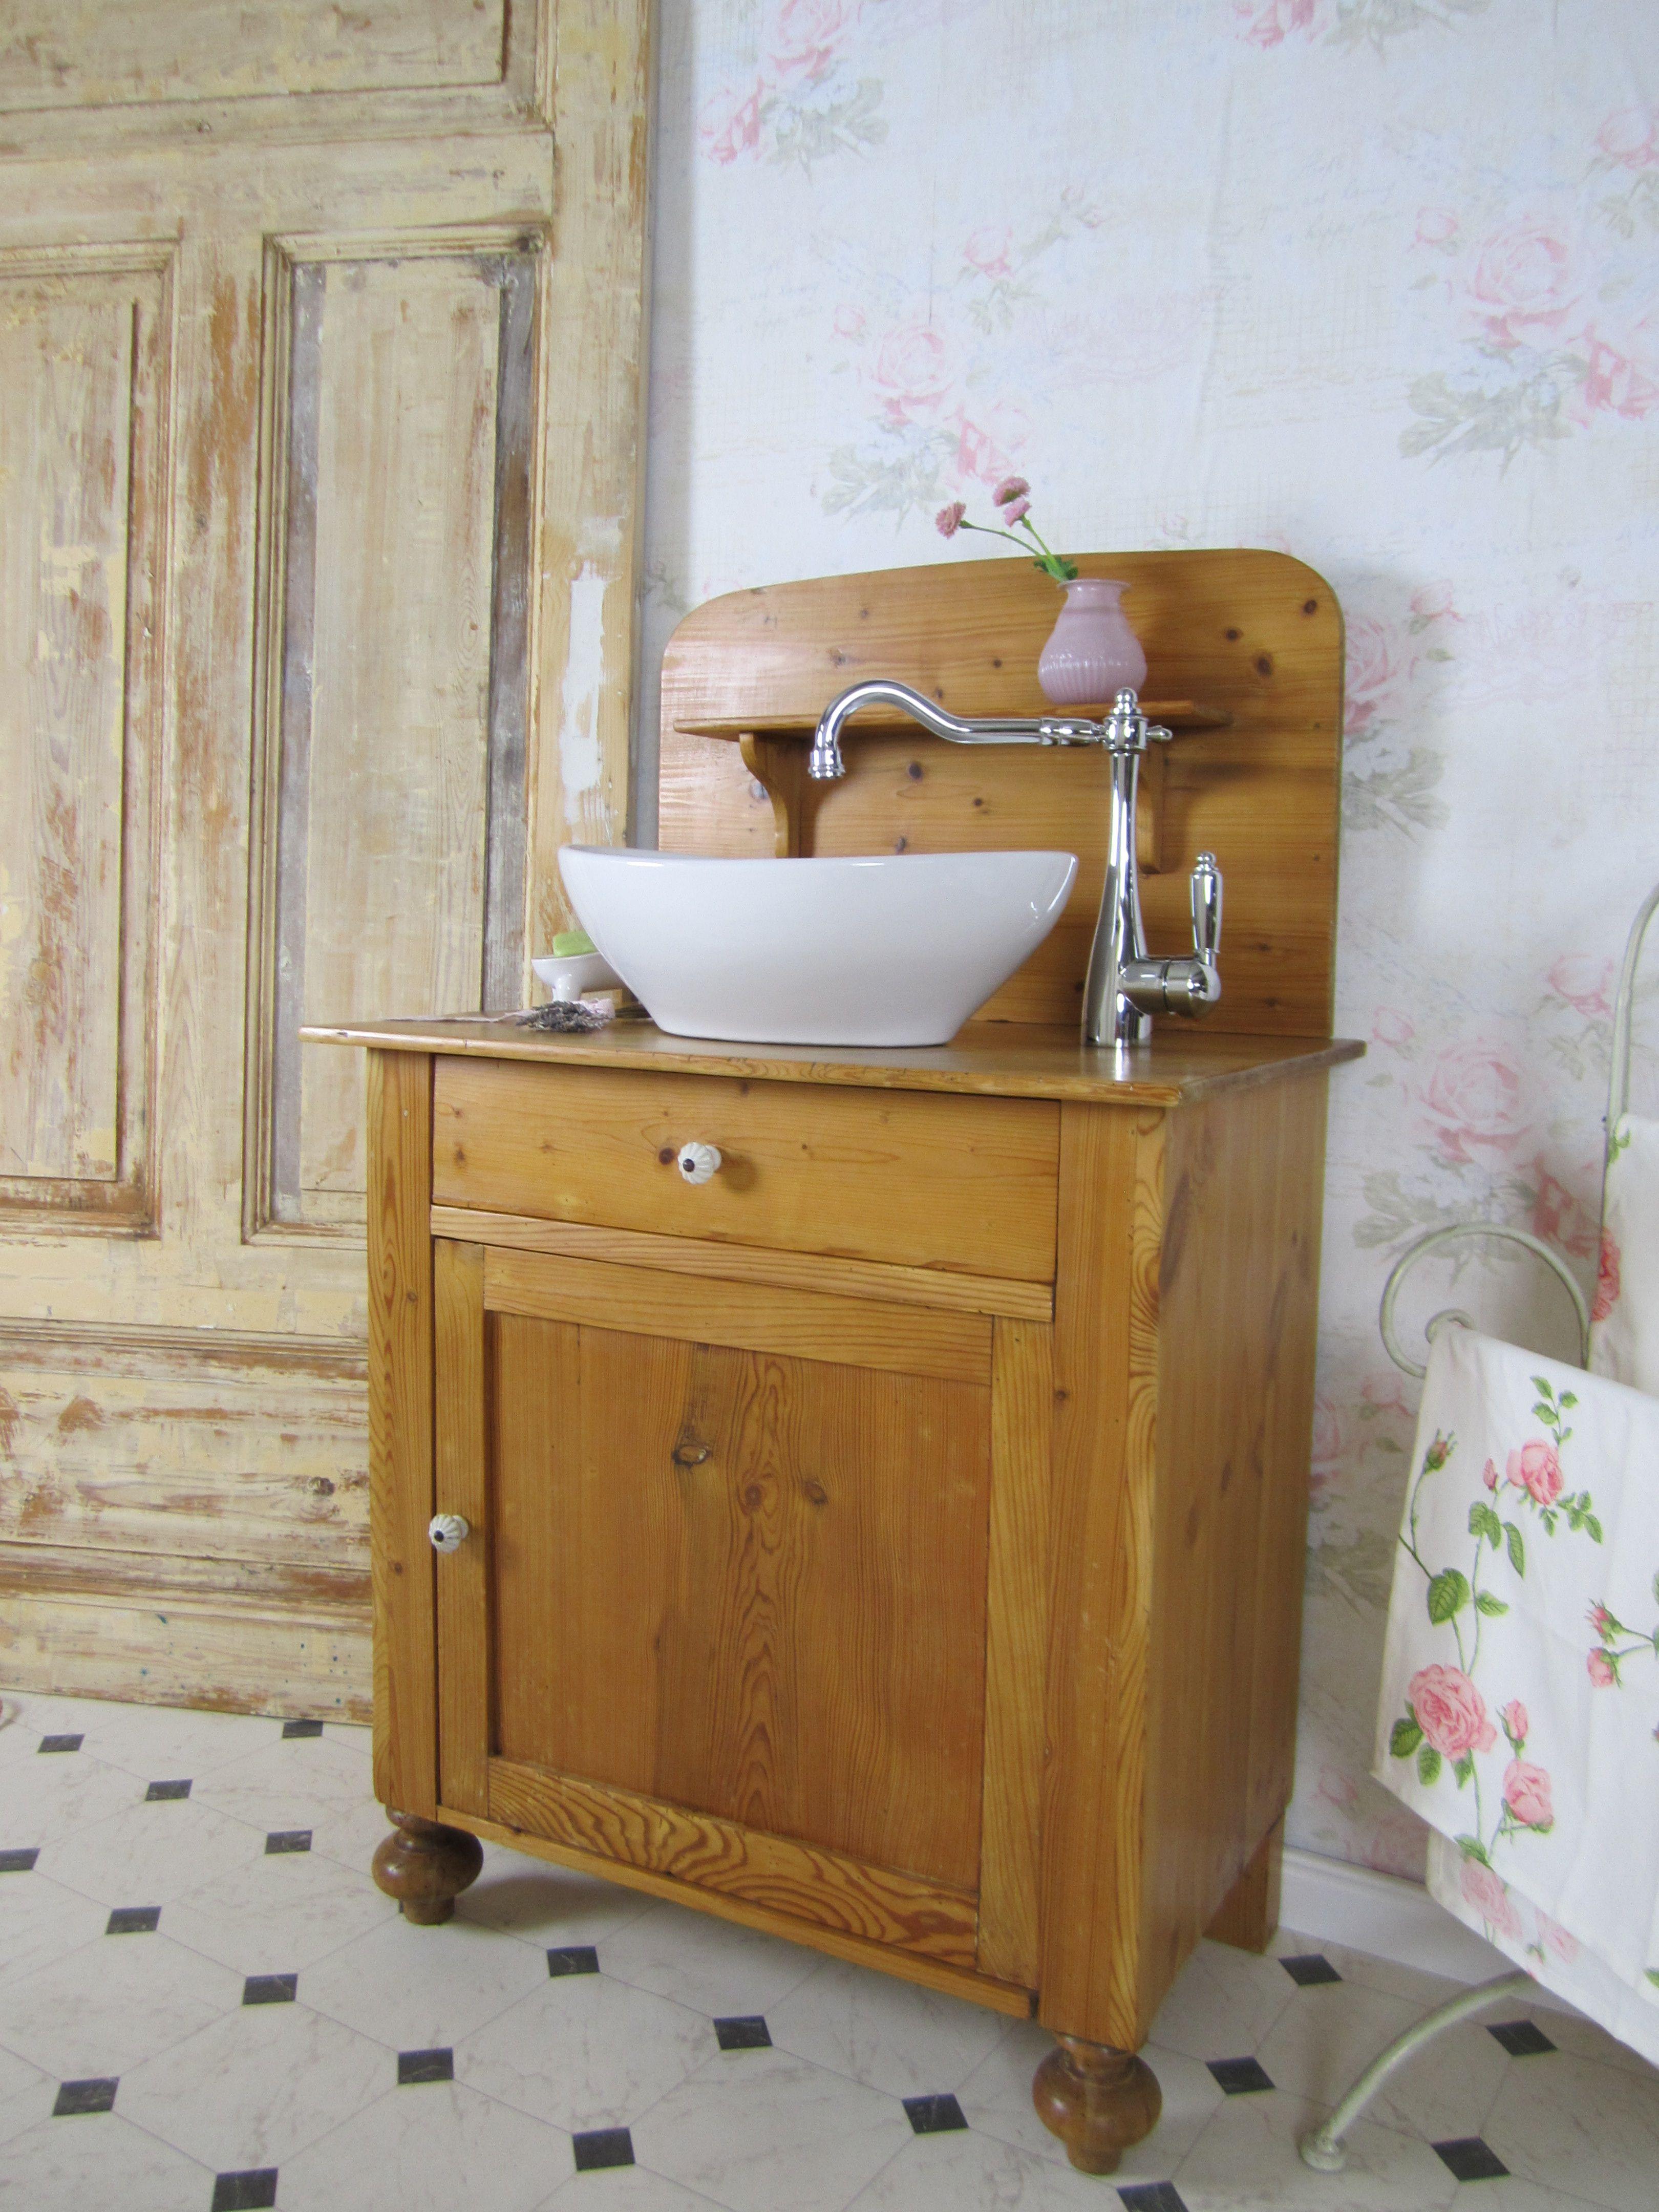 Das Badmöbel Holz Min Skat Ist Ein Dänischer Waschtisch Von Anno Dazumal Sein Name Bedeutet Mein Schatz Und Wir Badmöbel Holz Waschtisch Klein Möbel Holz